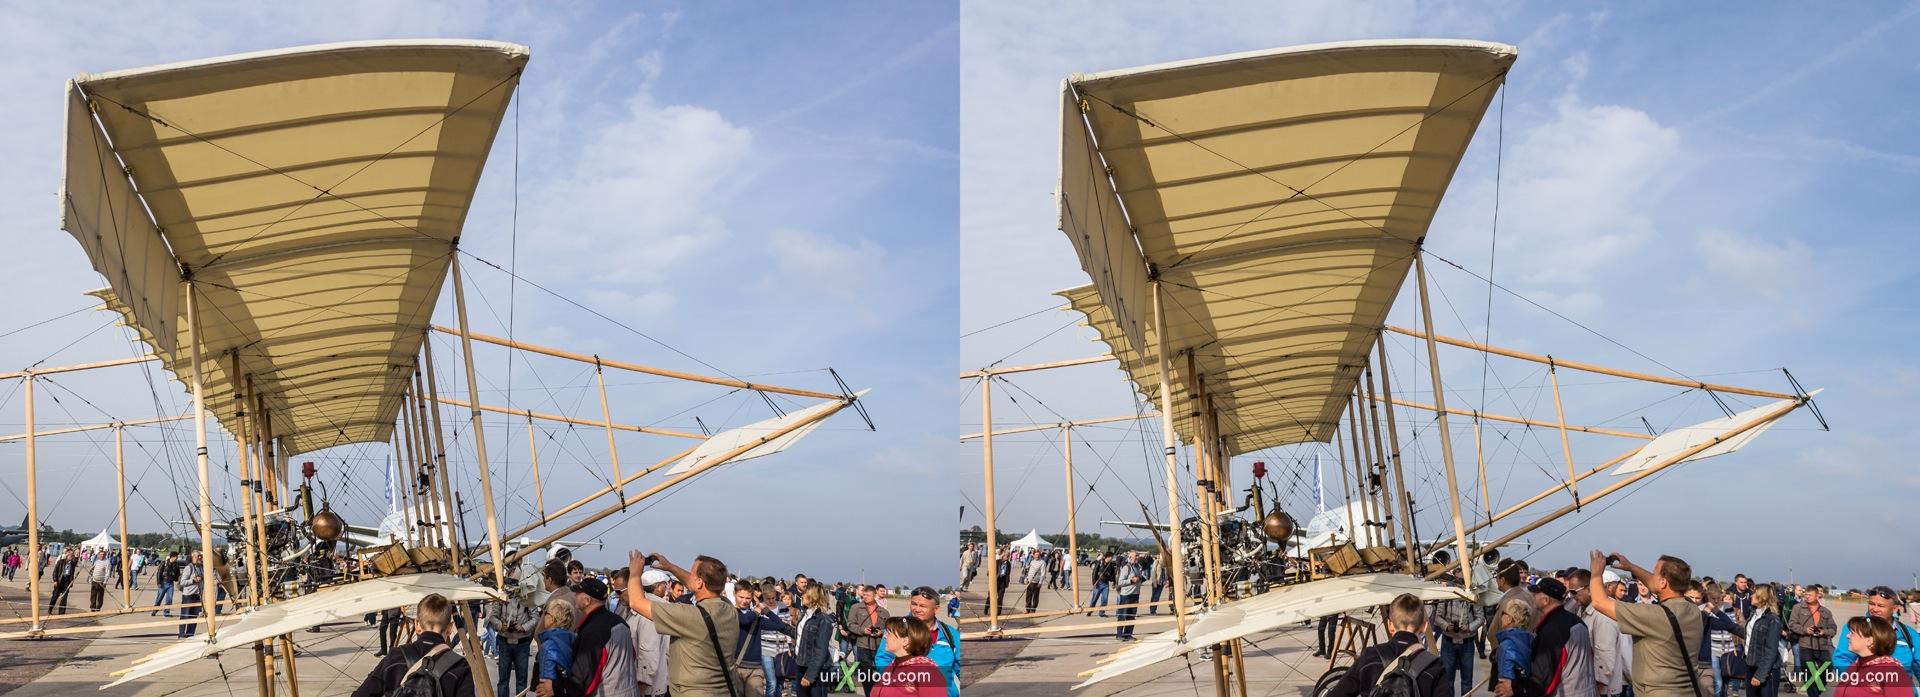 2013, старинный русский самолёт, Россия, Раменское, Жуковский, аэродром, самолёт, экспозиция, МАКС, Международный Авиационно-космический Салон, 3D, перекрёстная стереопара, стерео, стереопара